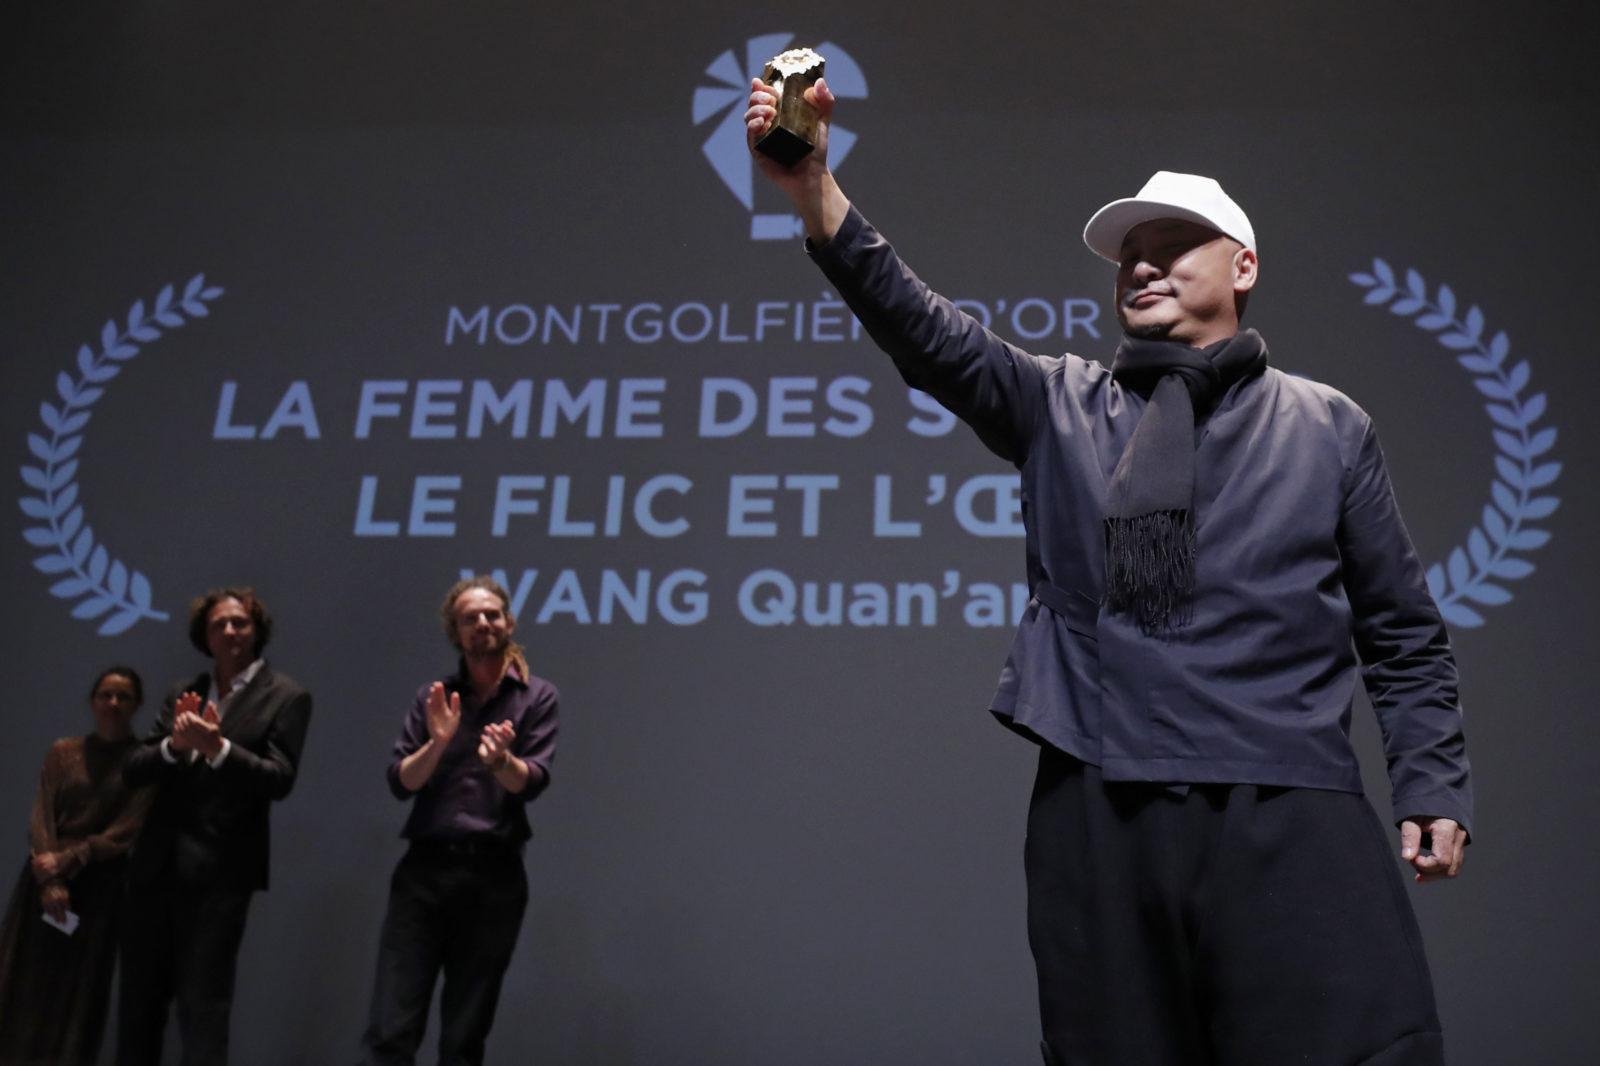 WANG Quan'an, qui a reçu la Montgolfière d'or pour La Femme des steppes, le Flic et l'oeuf ©S Mahé